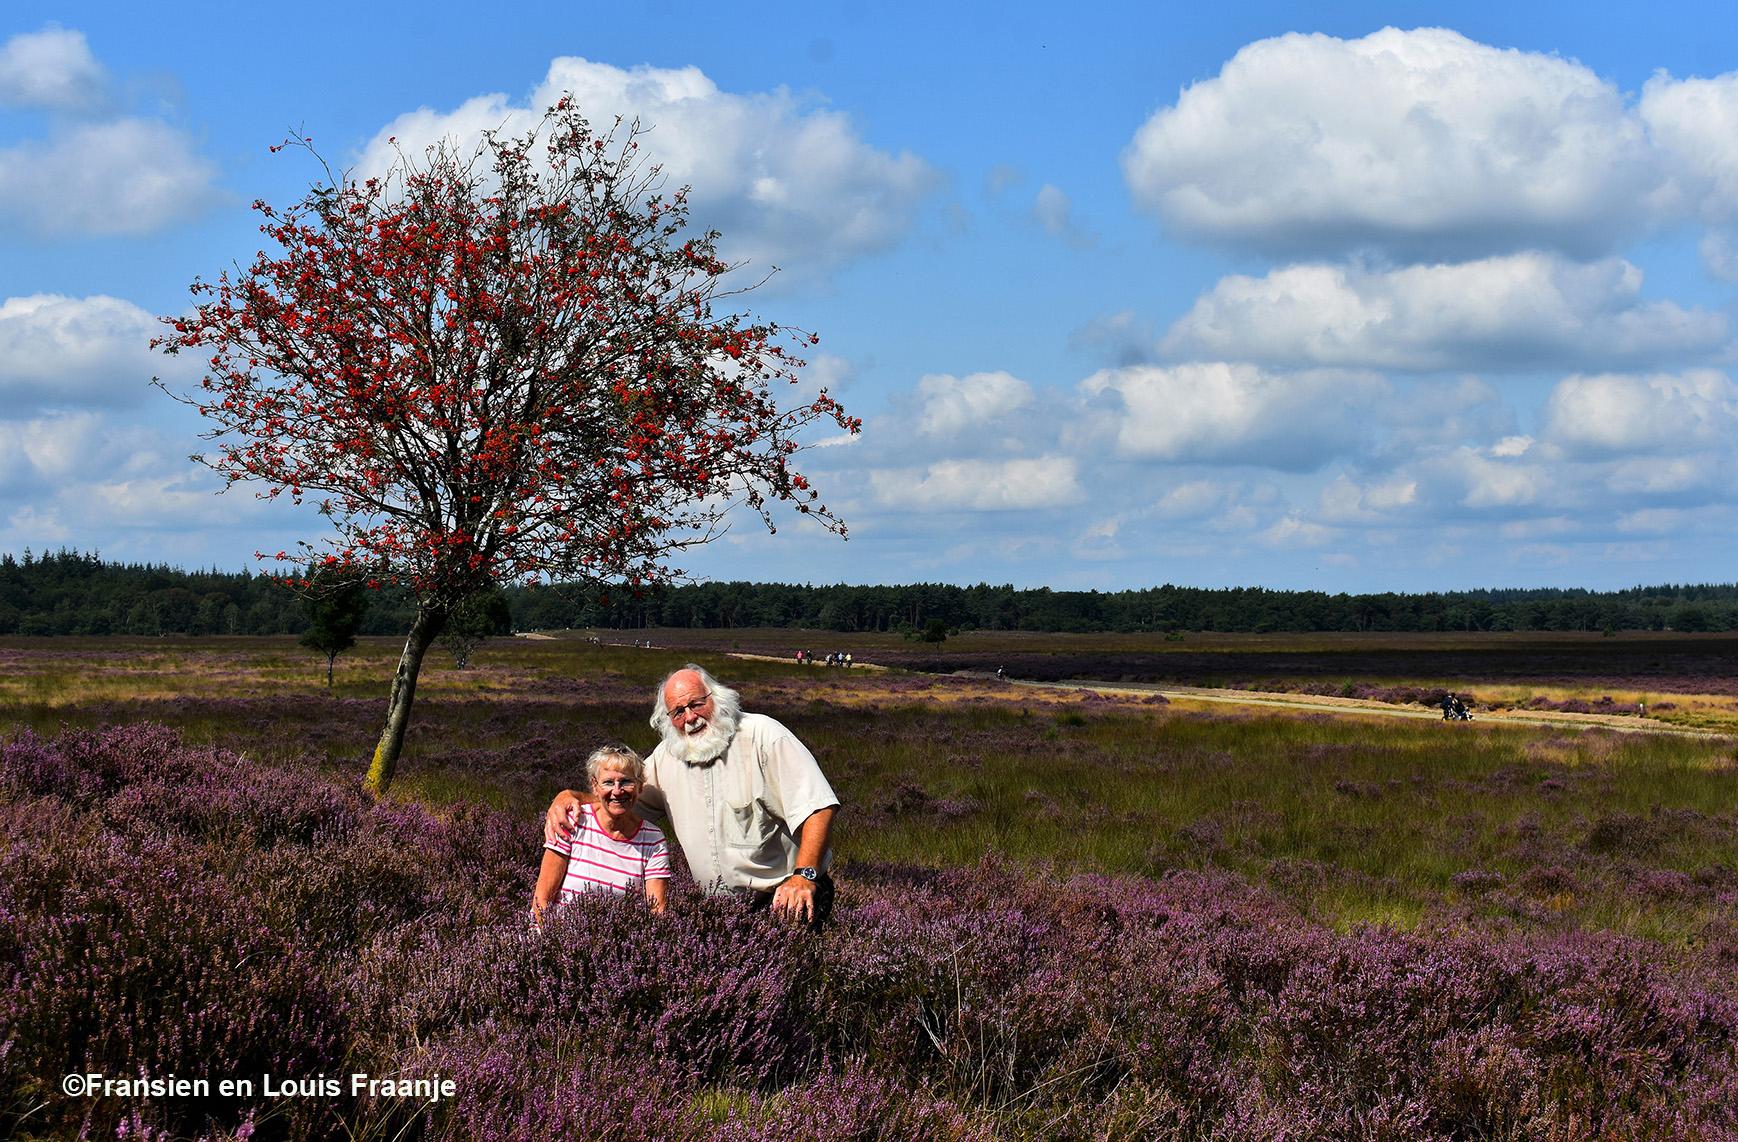 Samen in de bloeiende heide bij de prachtige Lijsterbes - Eigen foto: ©Fransien en Louis Fraanje